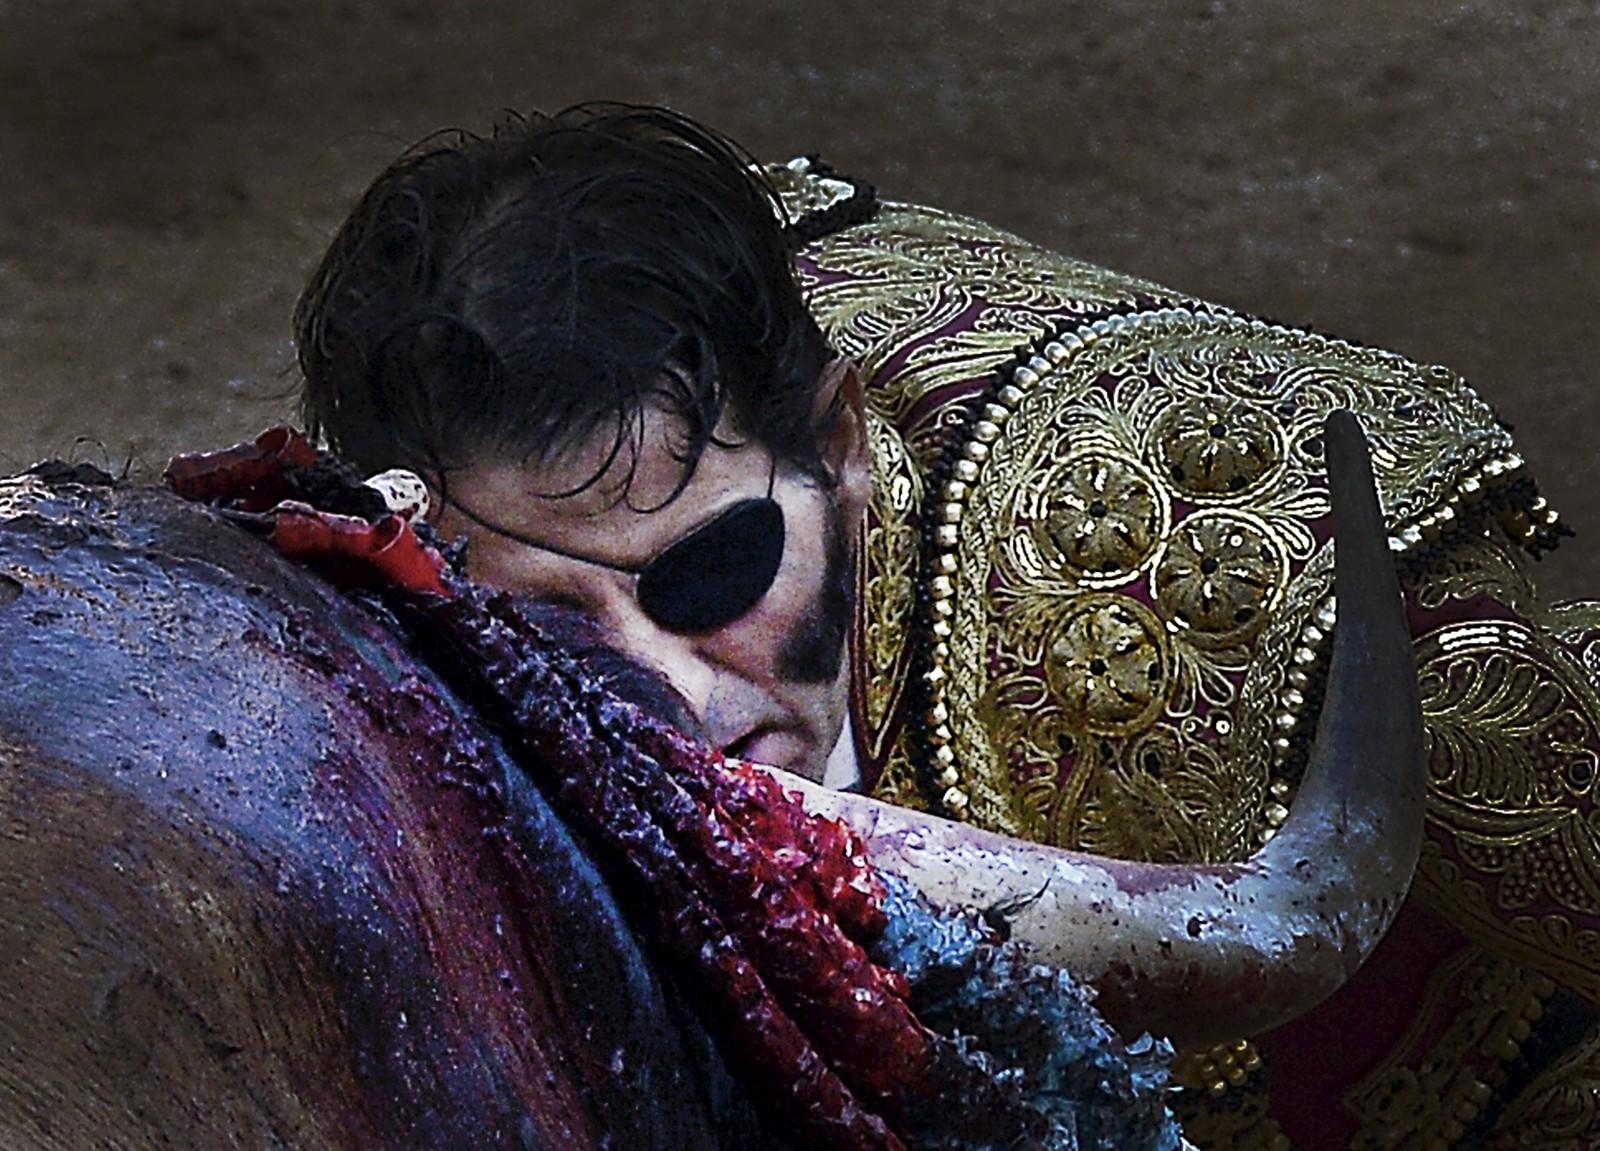 Den spanske tyrefekteren Juan Jose Padilla, med den gjenkjennelige lappen over øyet, i aksjon under San Fermin-festivalen. Padillas øyeskade kom etter et ublidt møte med en okse i 2011, og han har etter det blitt kalt «piraten».